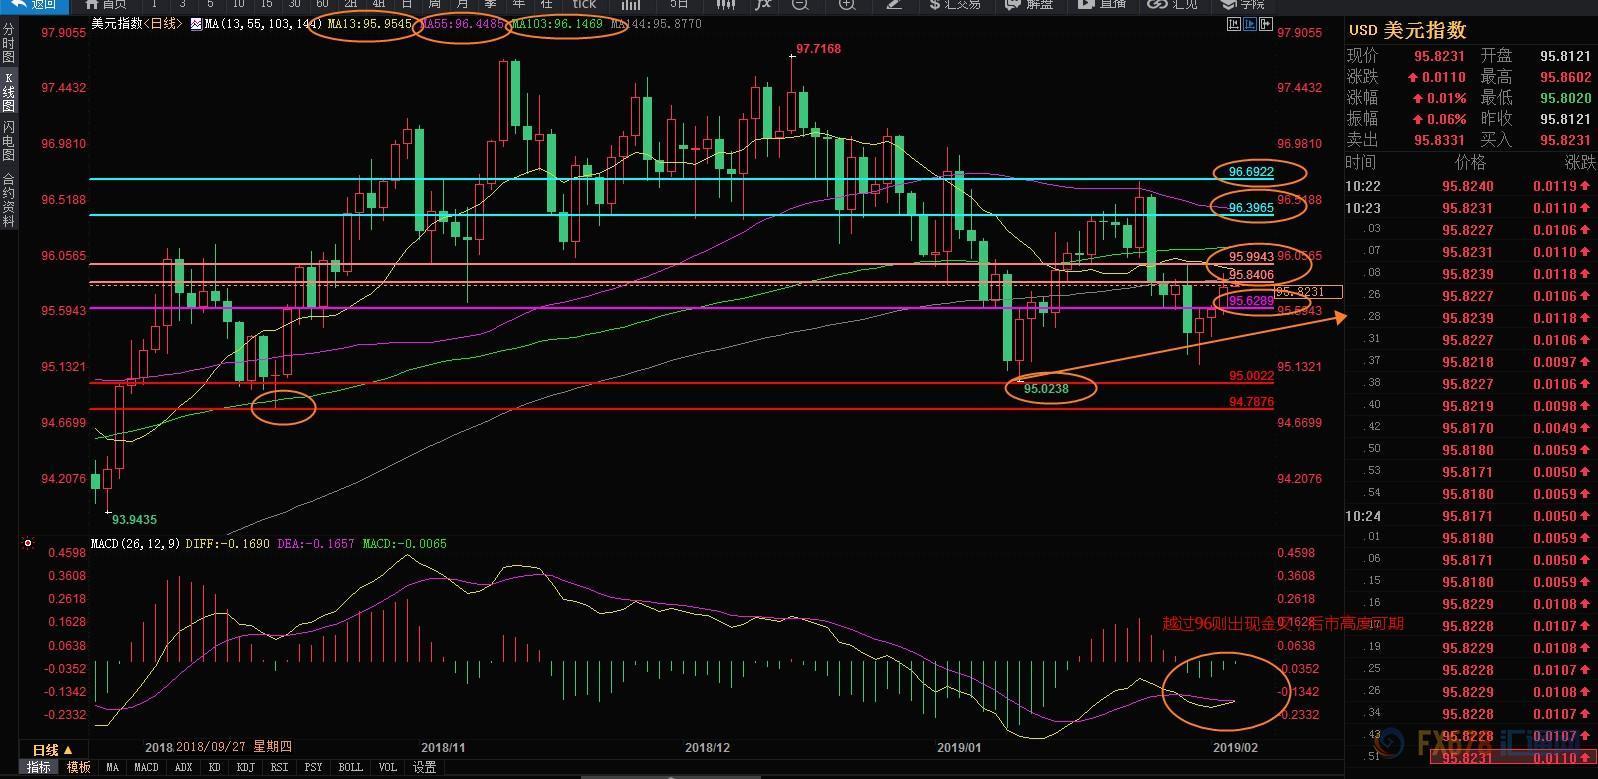 2月5日现货黄金、白银、原油、外汇短线交易战略